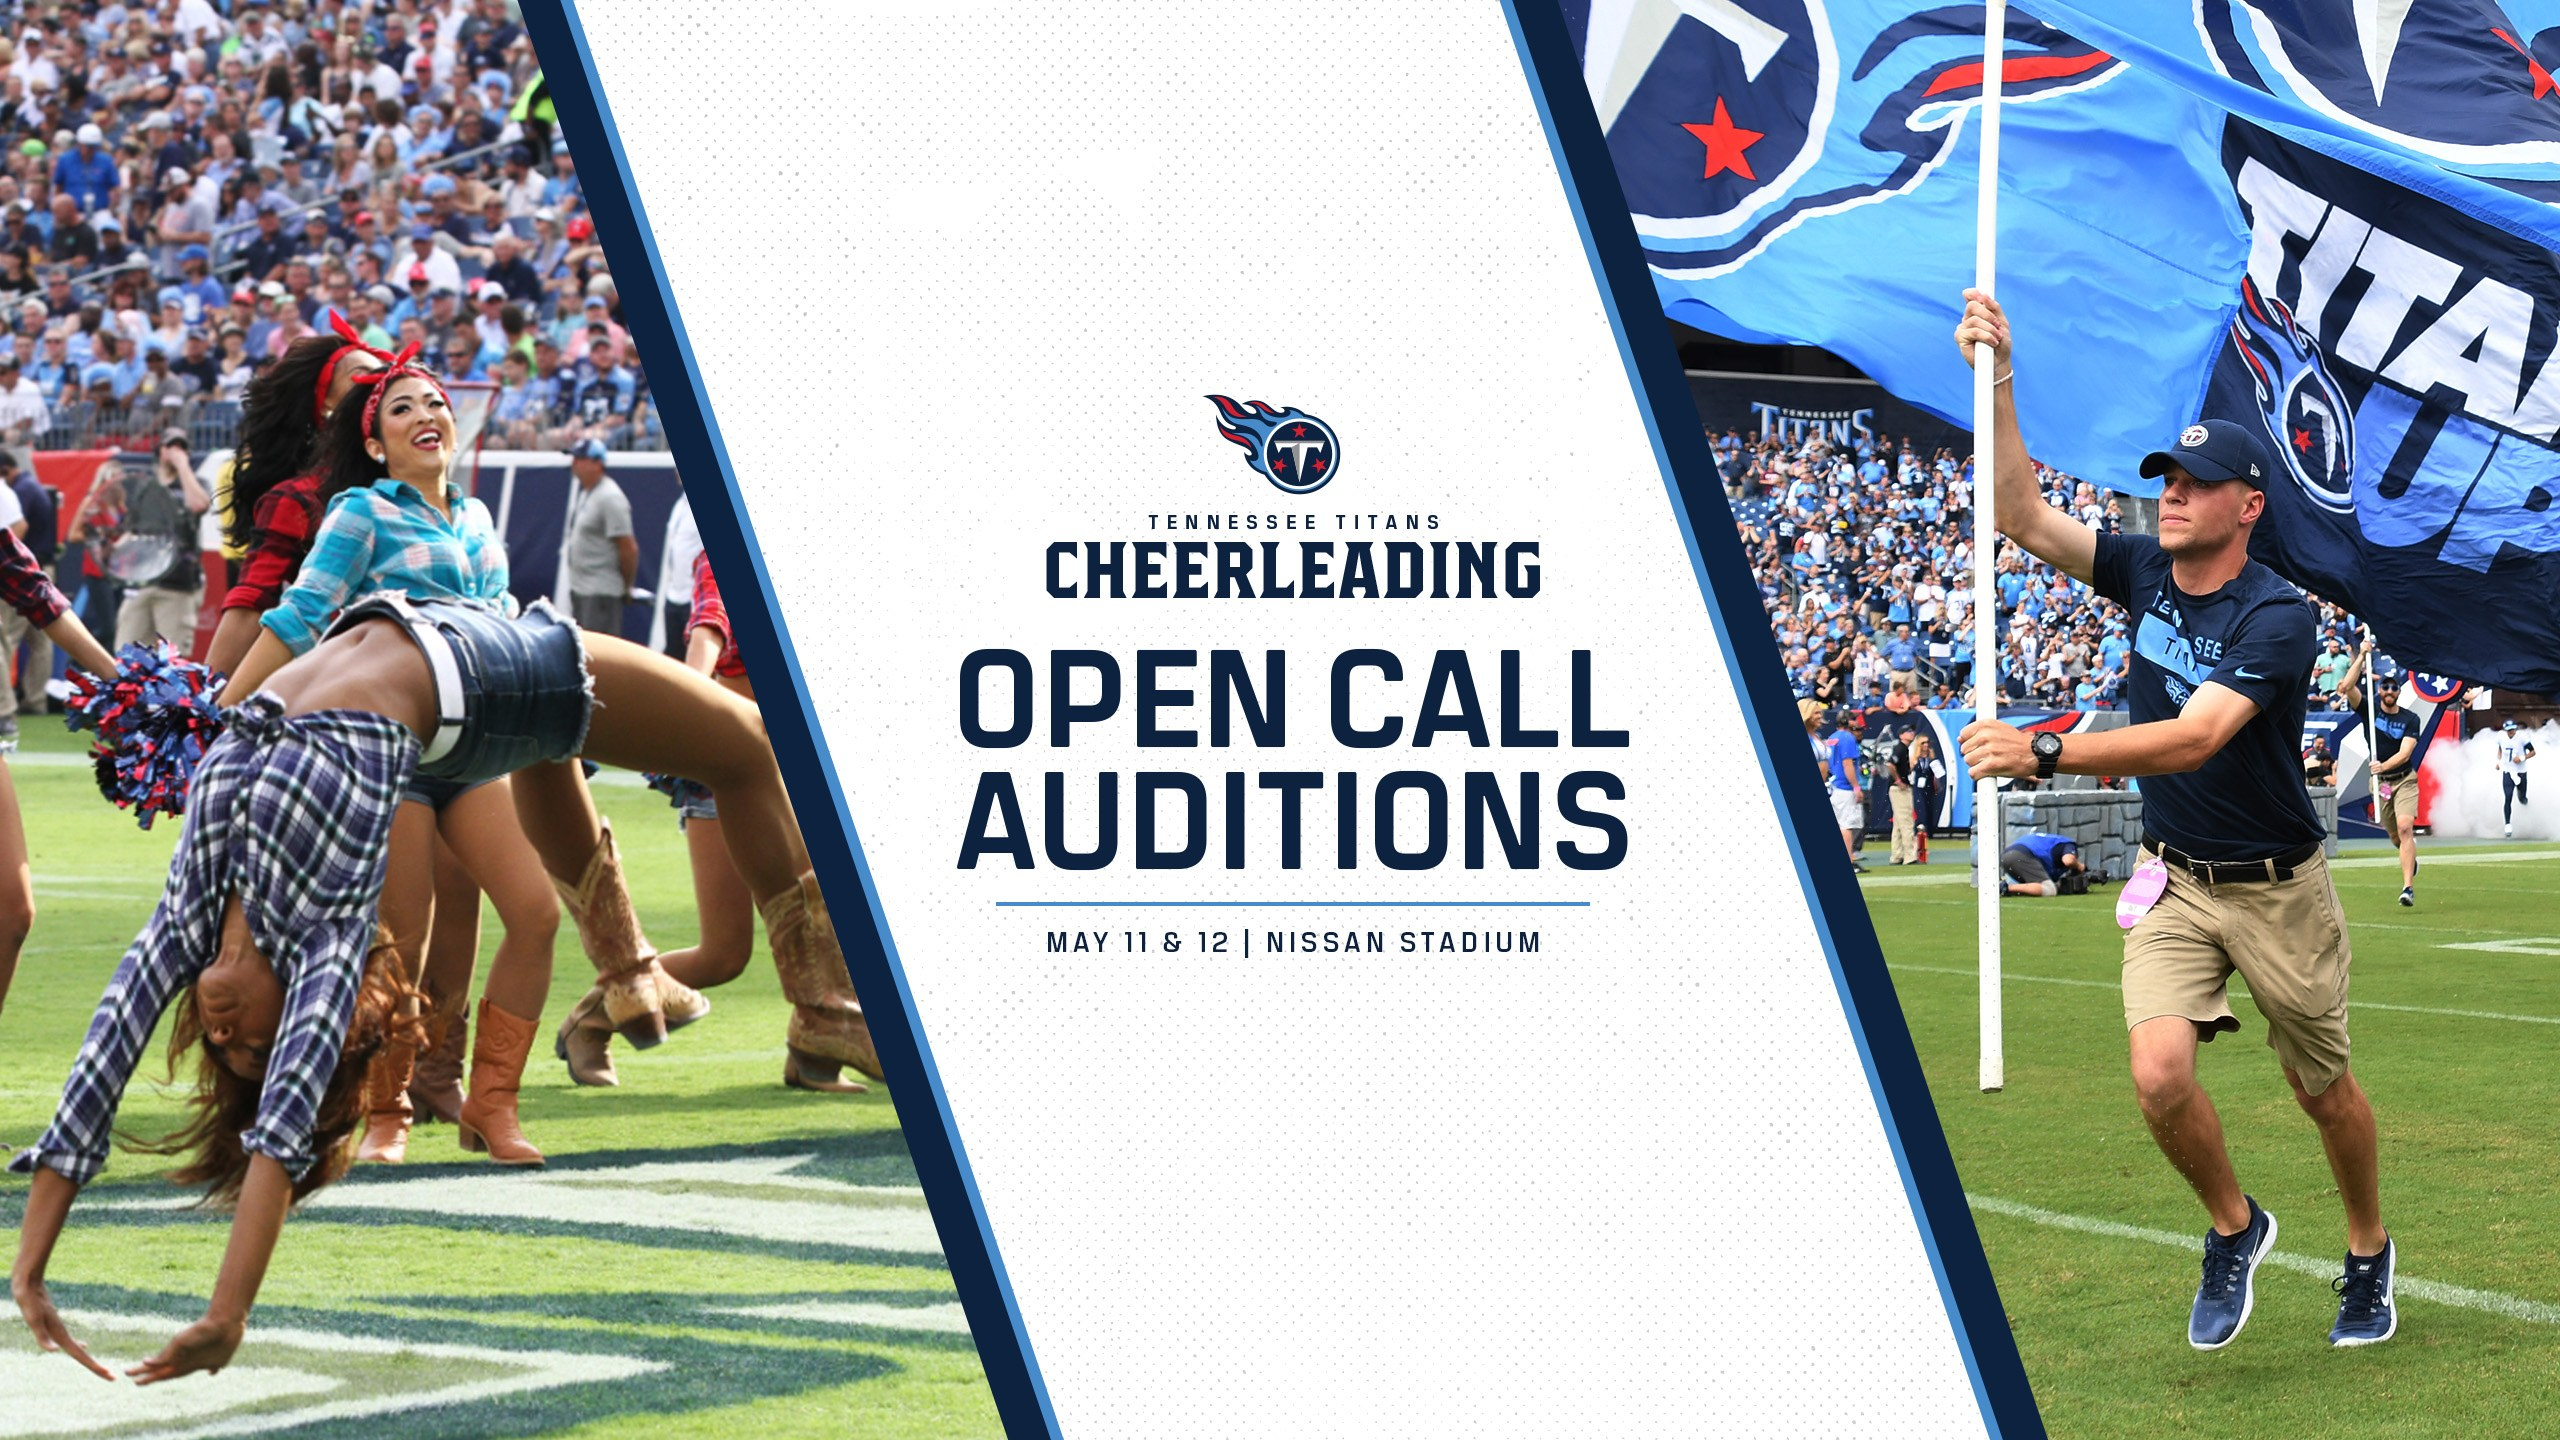 6adfab6fb47c 2019 Tennessee Titans Cheerleaders Auditions